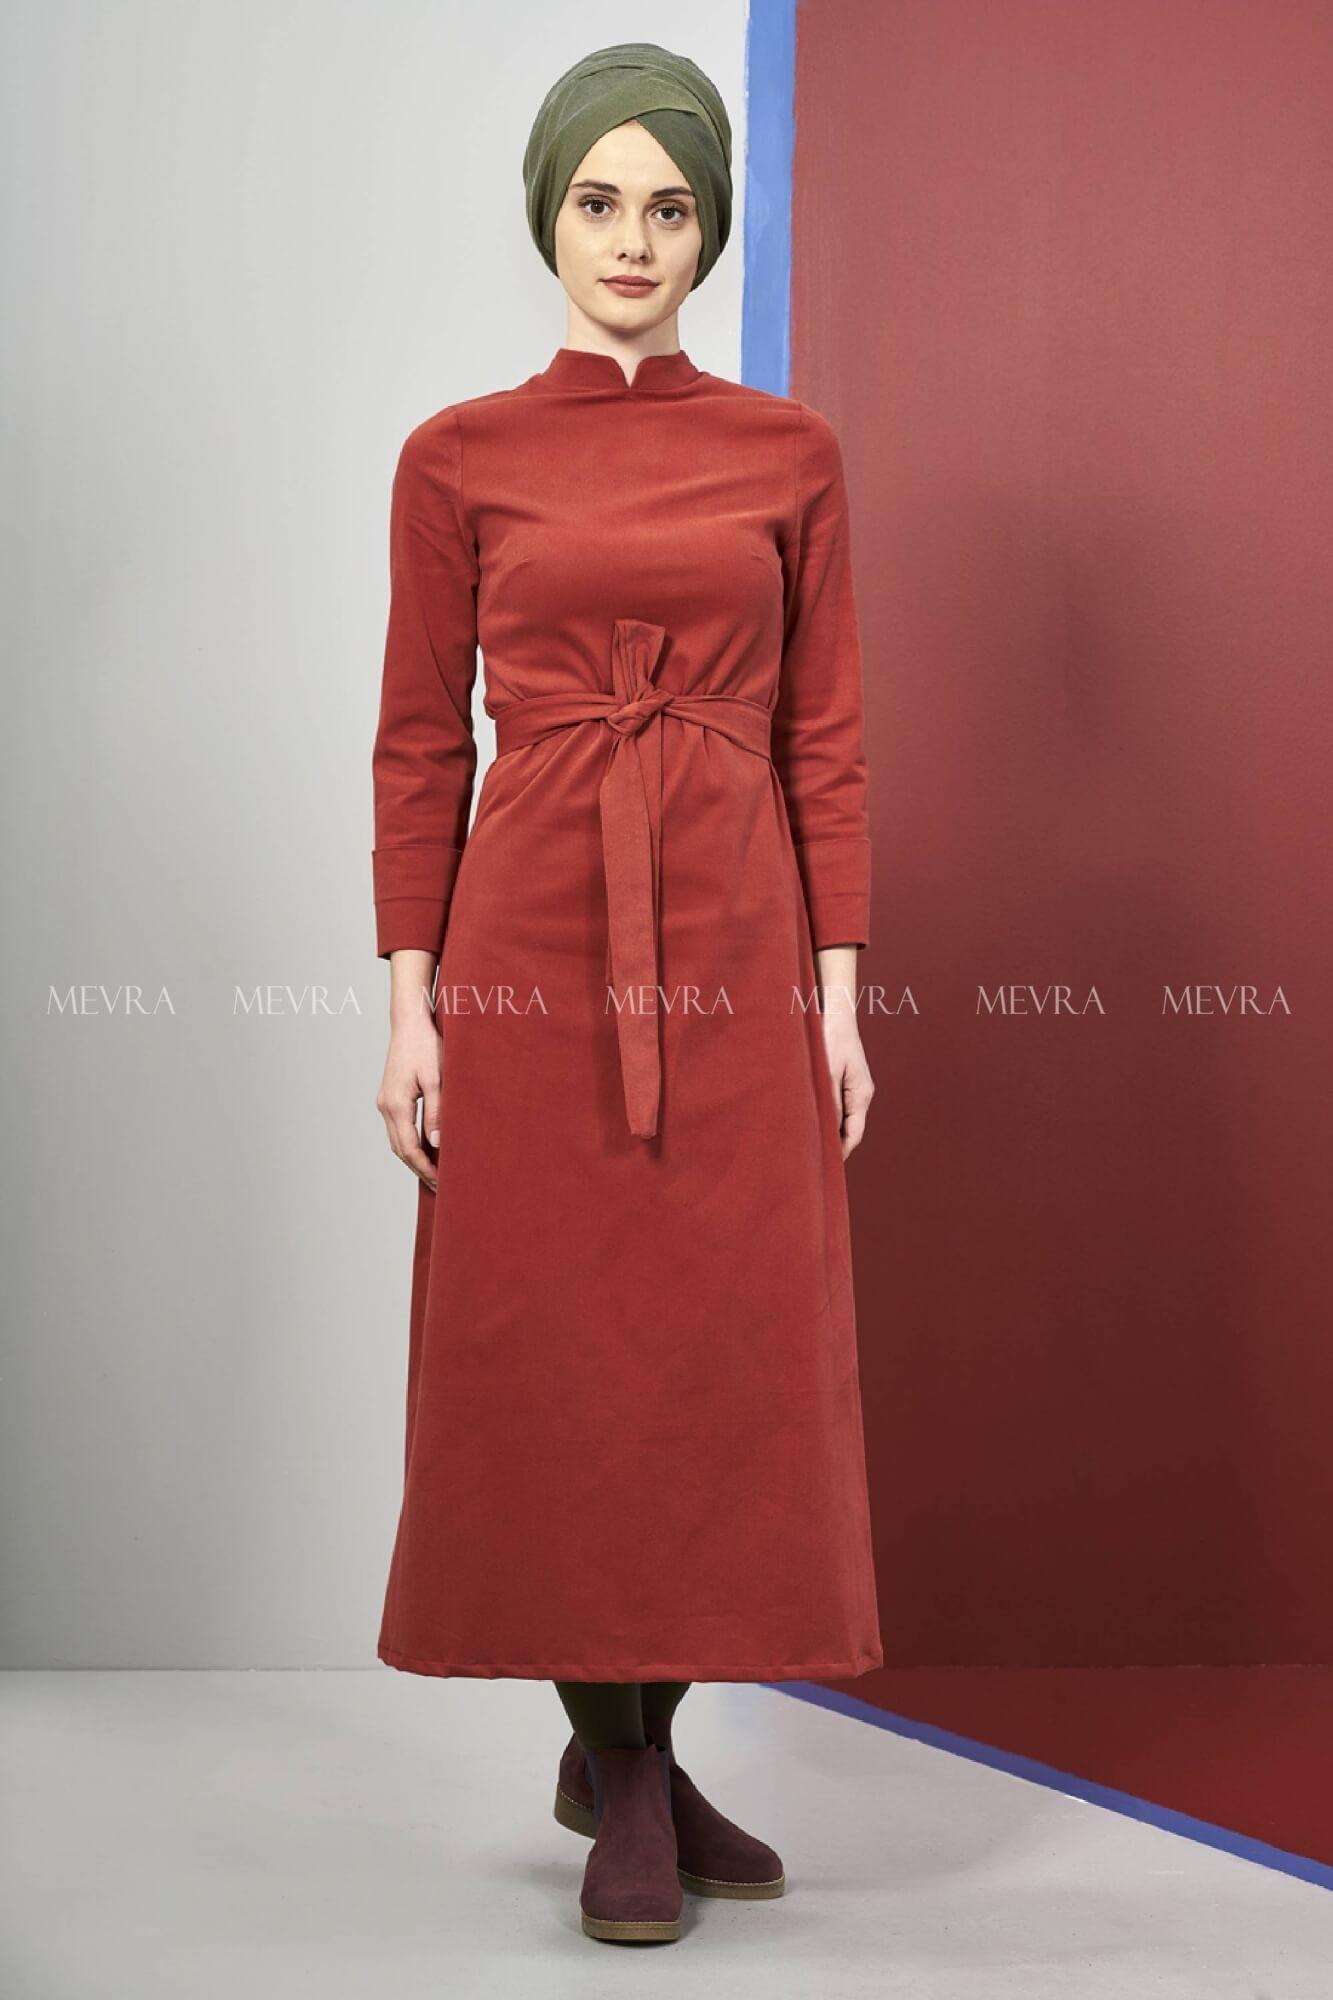 3c3859aa45207 Uzun Elbise Fiyatları - Mevra.com.tr